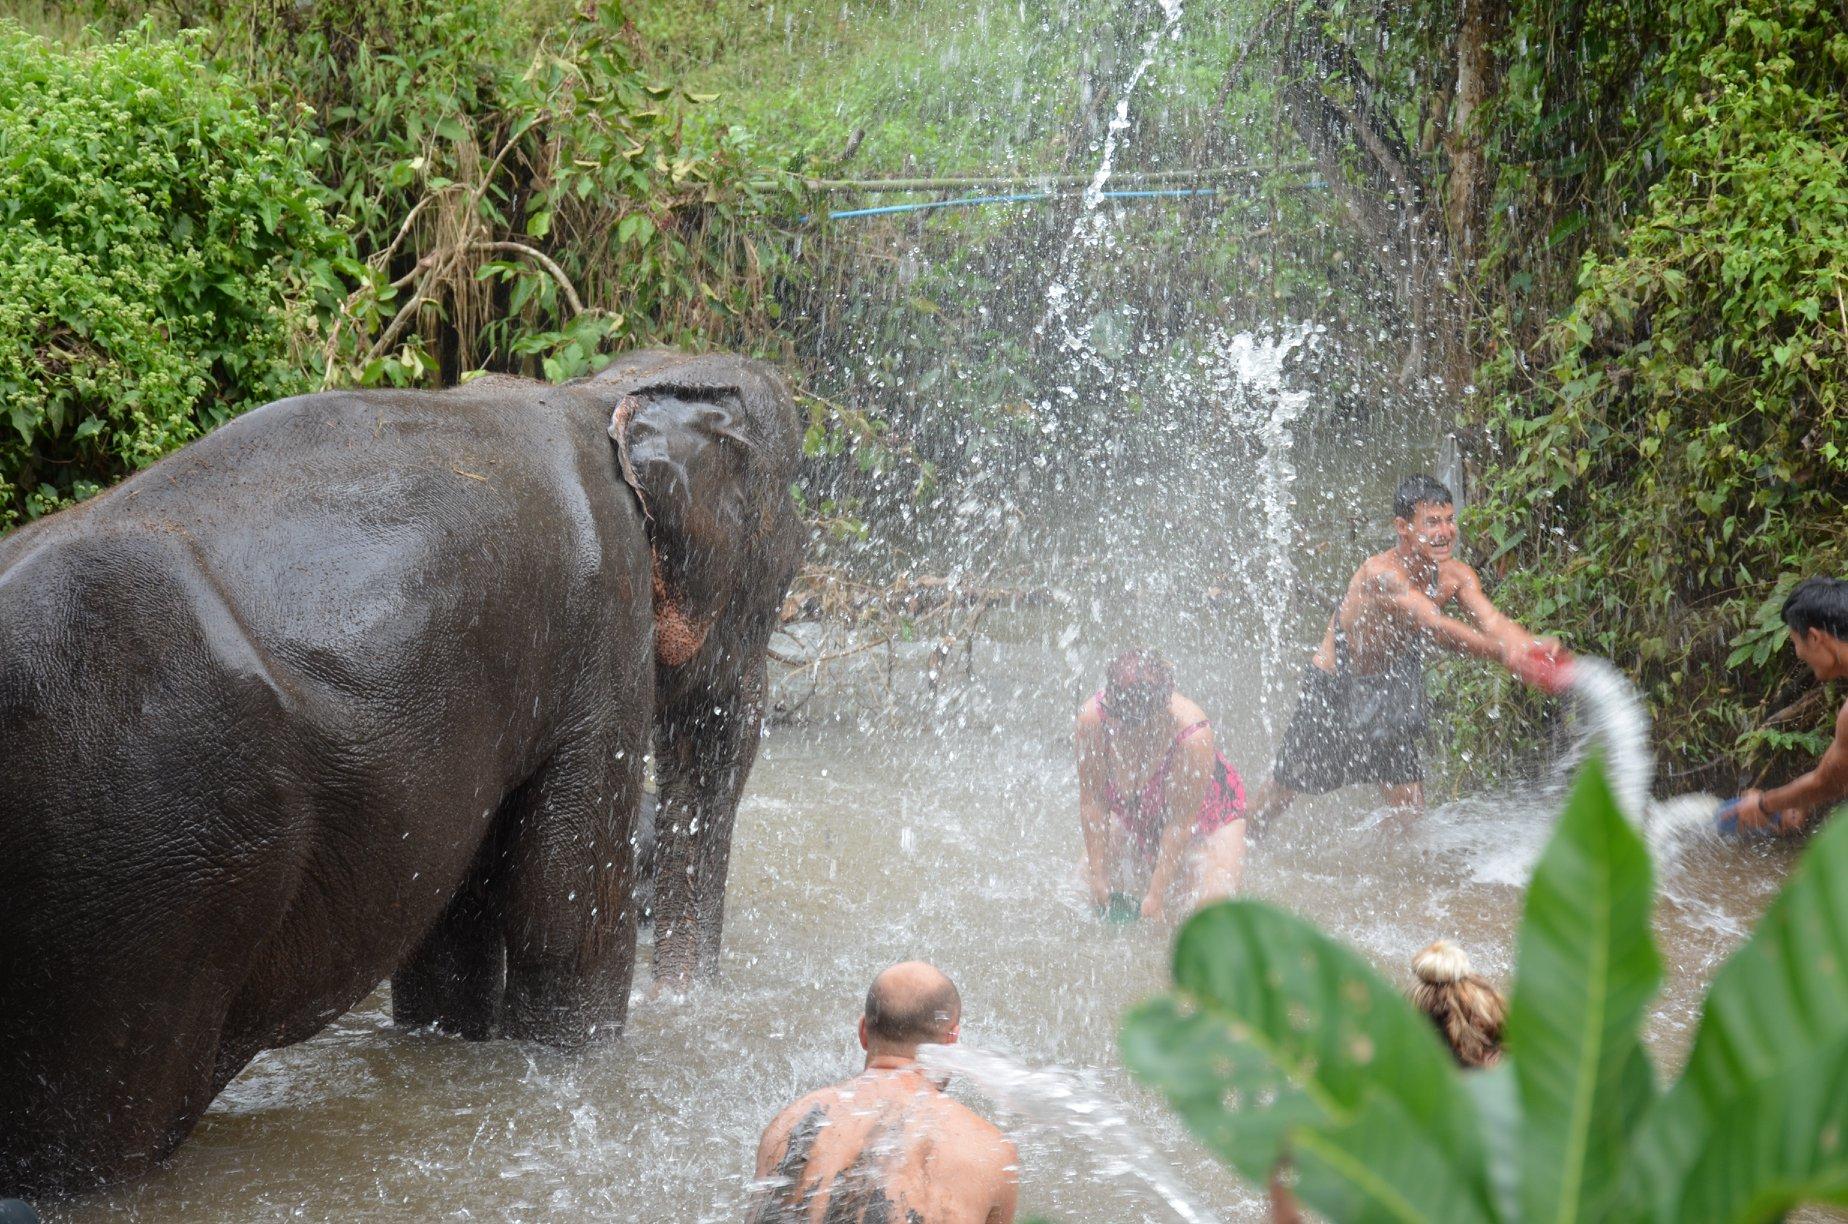 elephant splash party.jpg